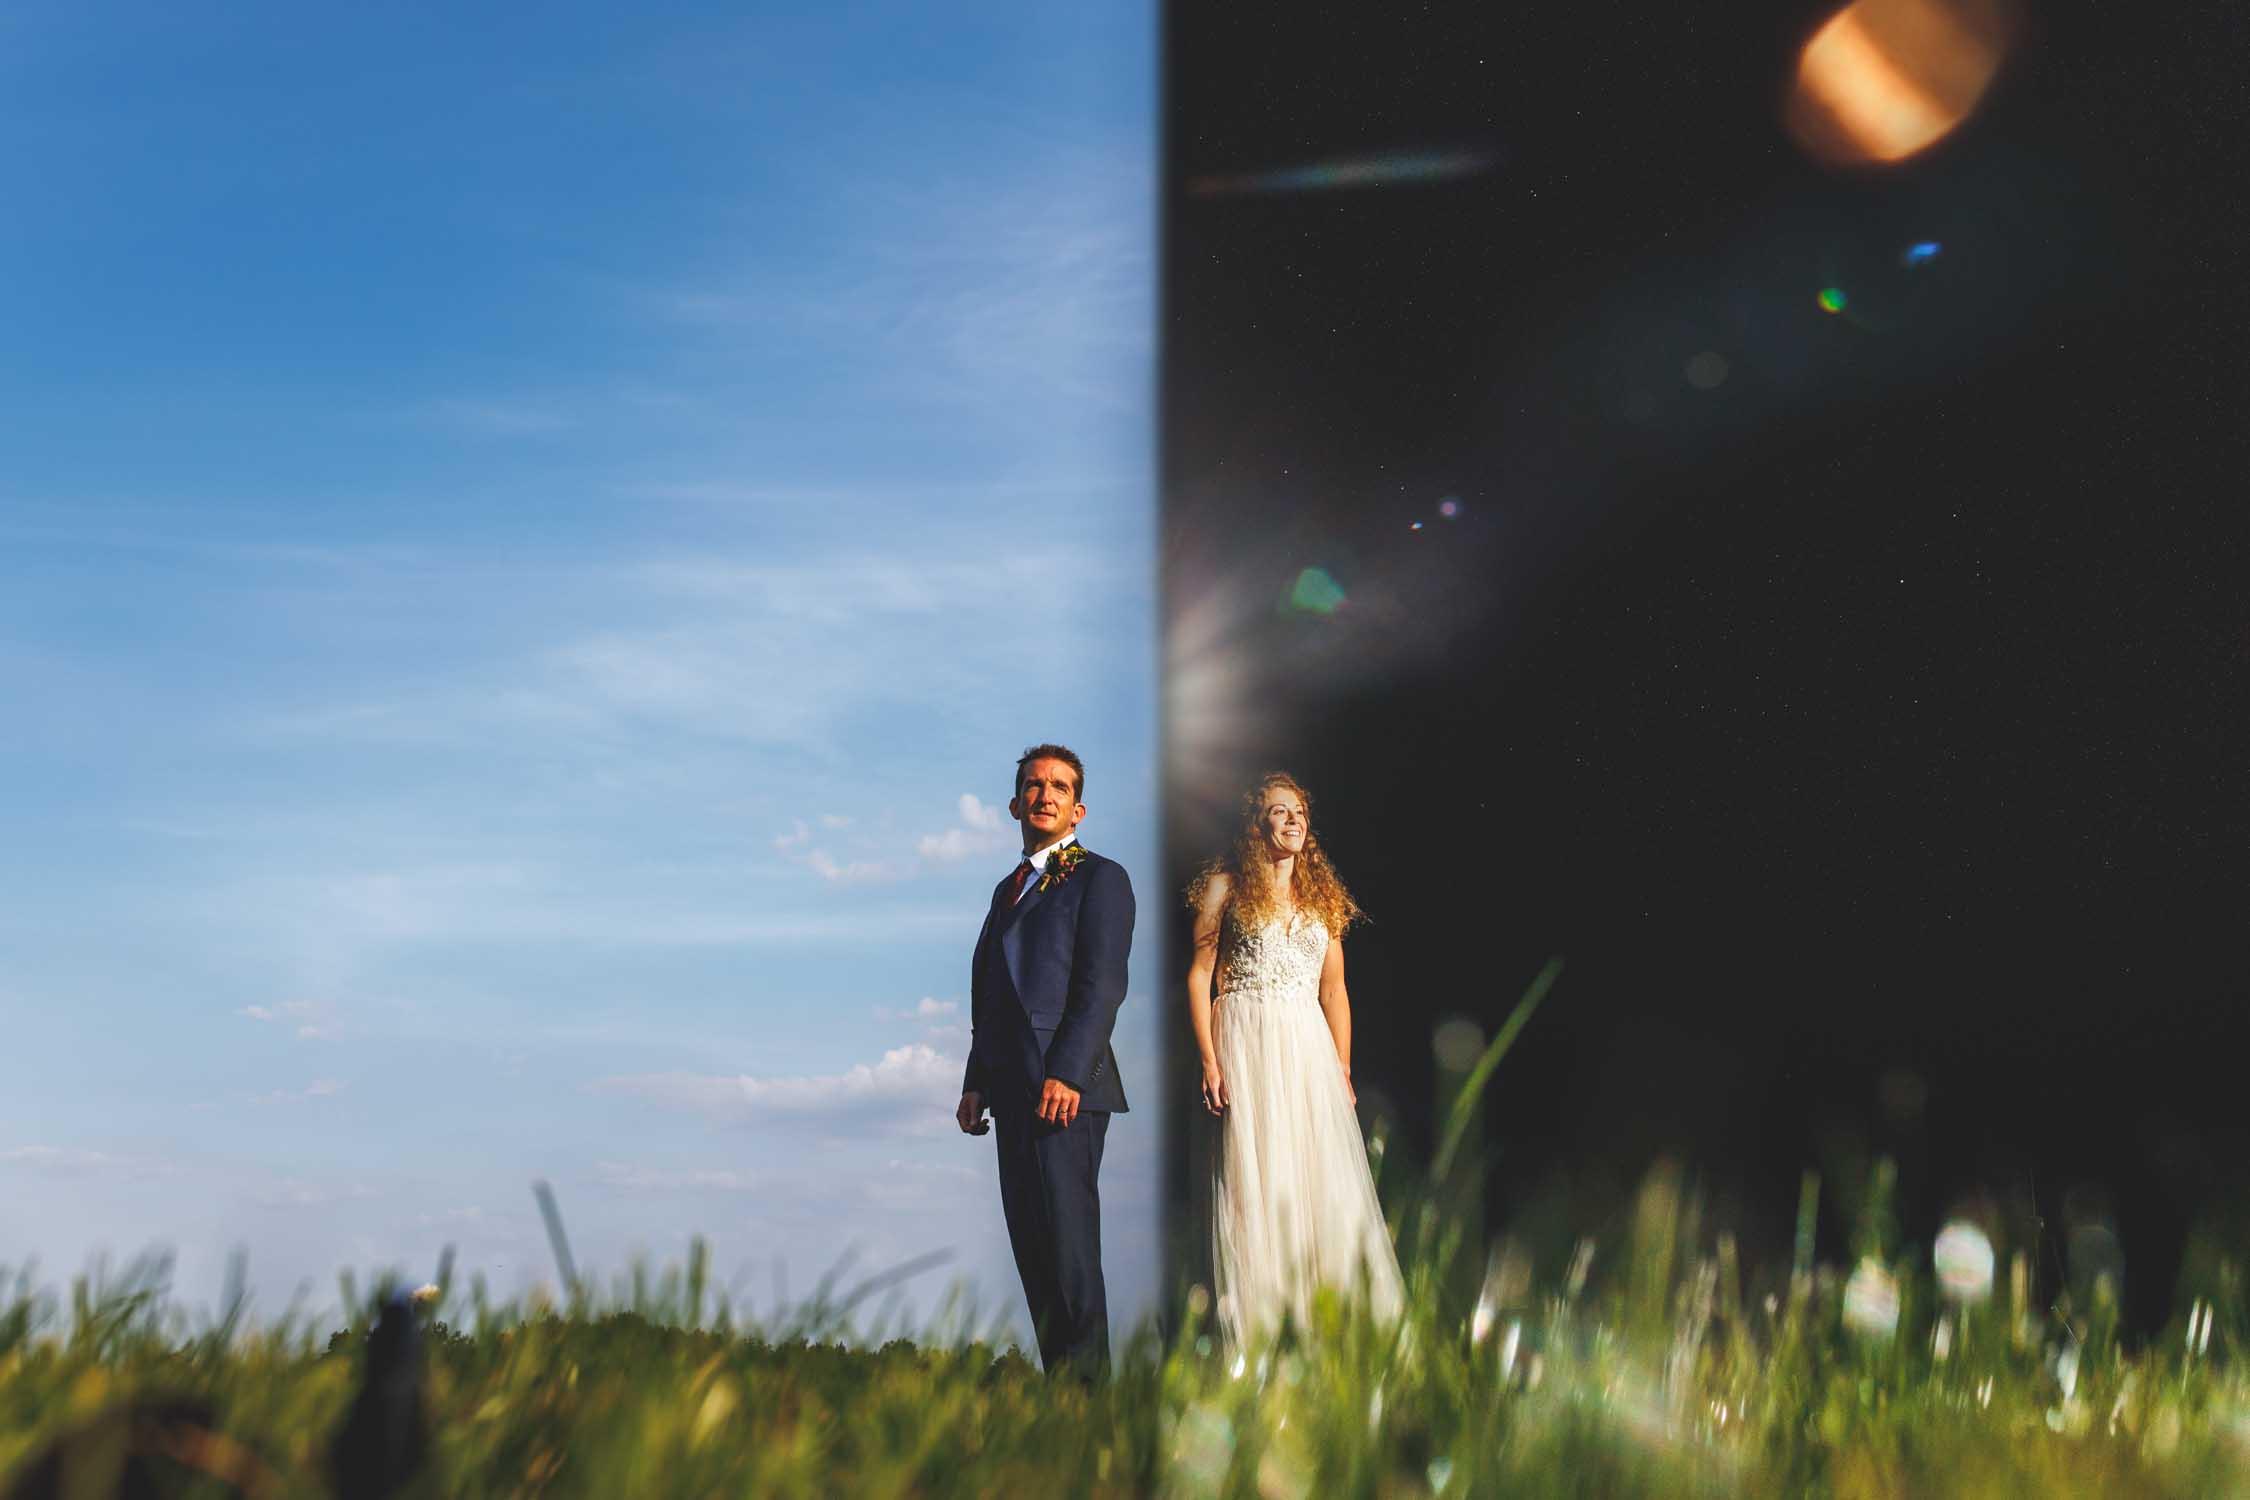 Pauntley Court Wedding Photography, Wedding Photographer iat Pauntley Court, Cotswolds Wedding Photography, Wedding Photographers in Herefordshire.